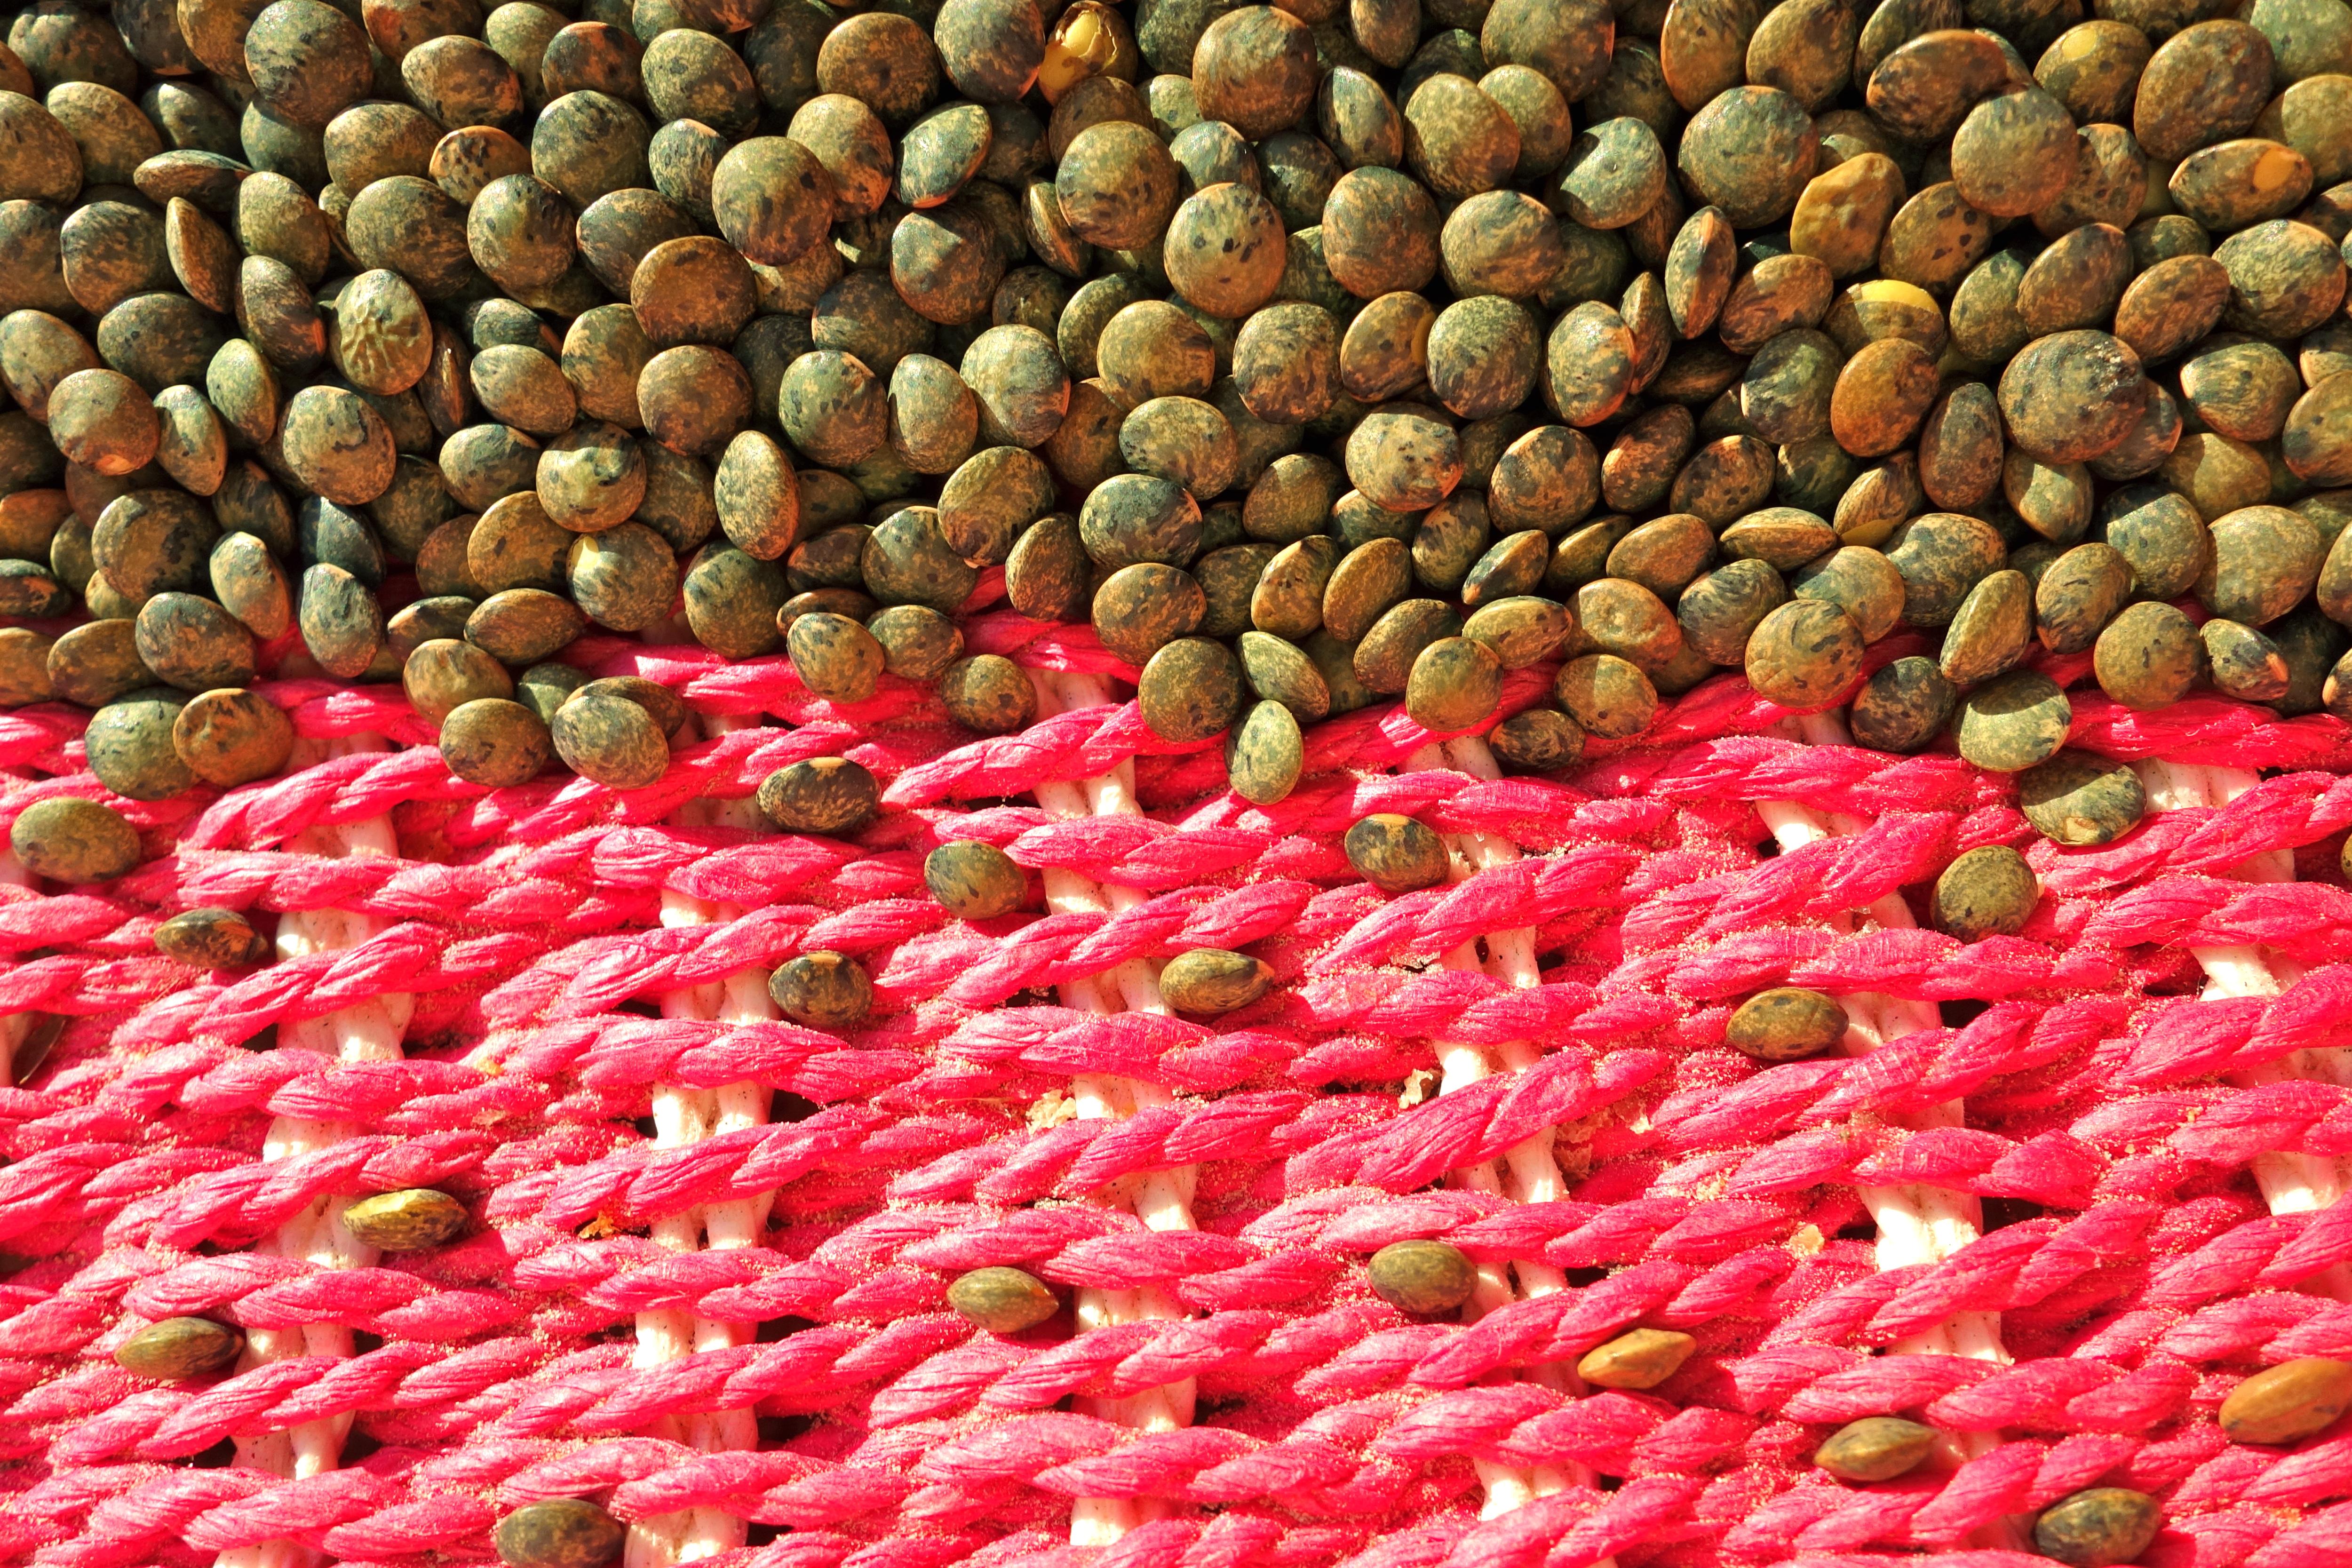 L.S.12 green lentils © KIM JONKER